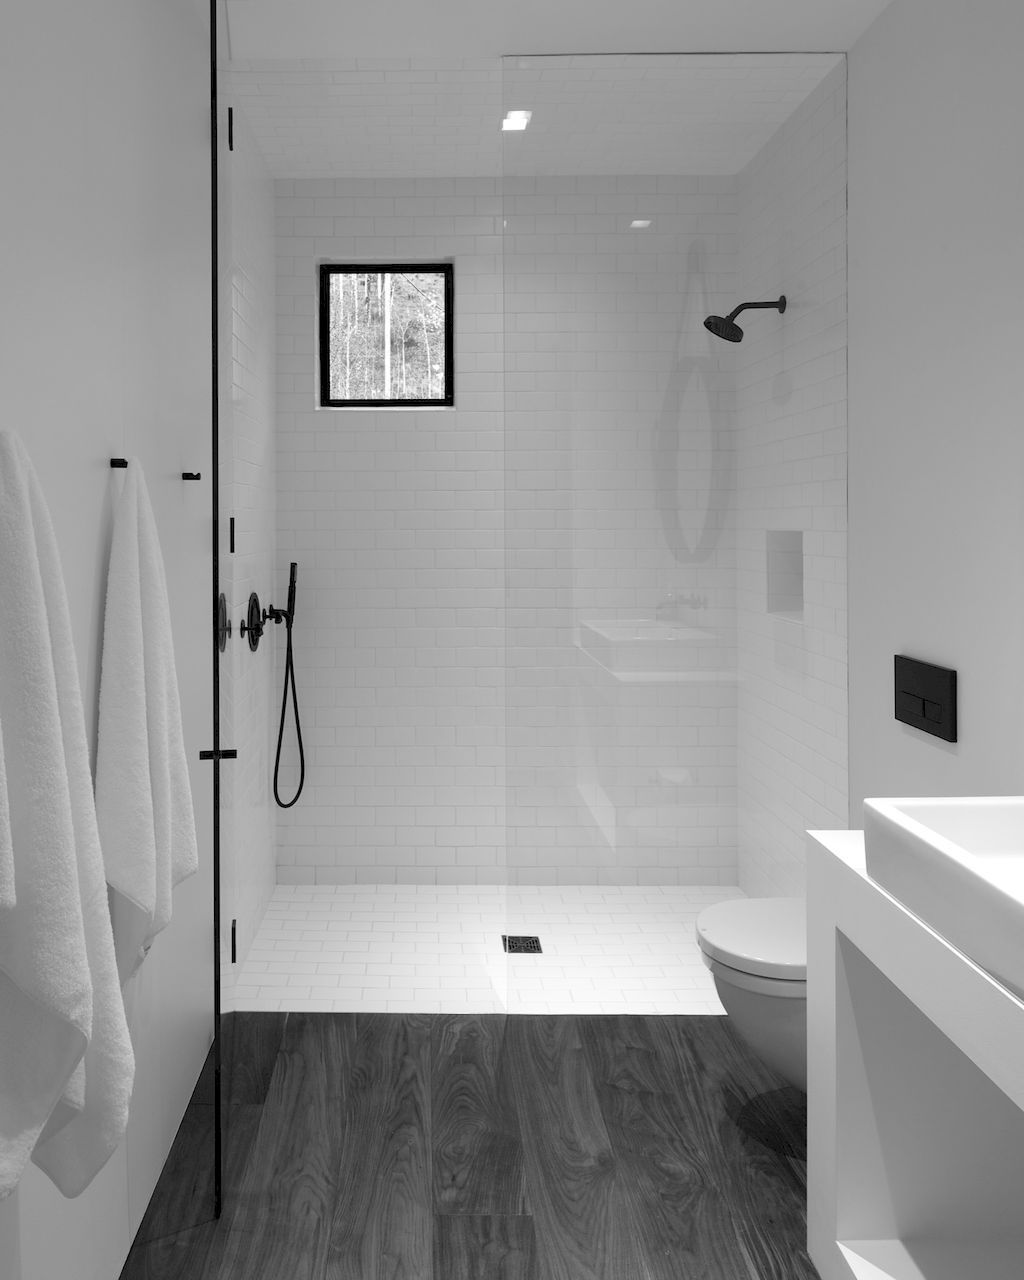 minimalist bathroom remodel ideas on a budget minimalist